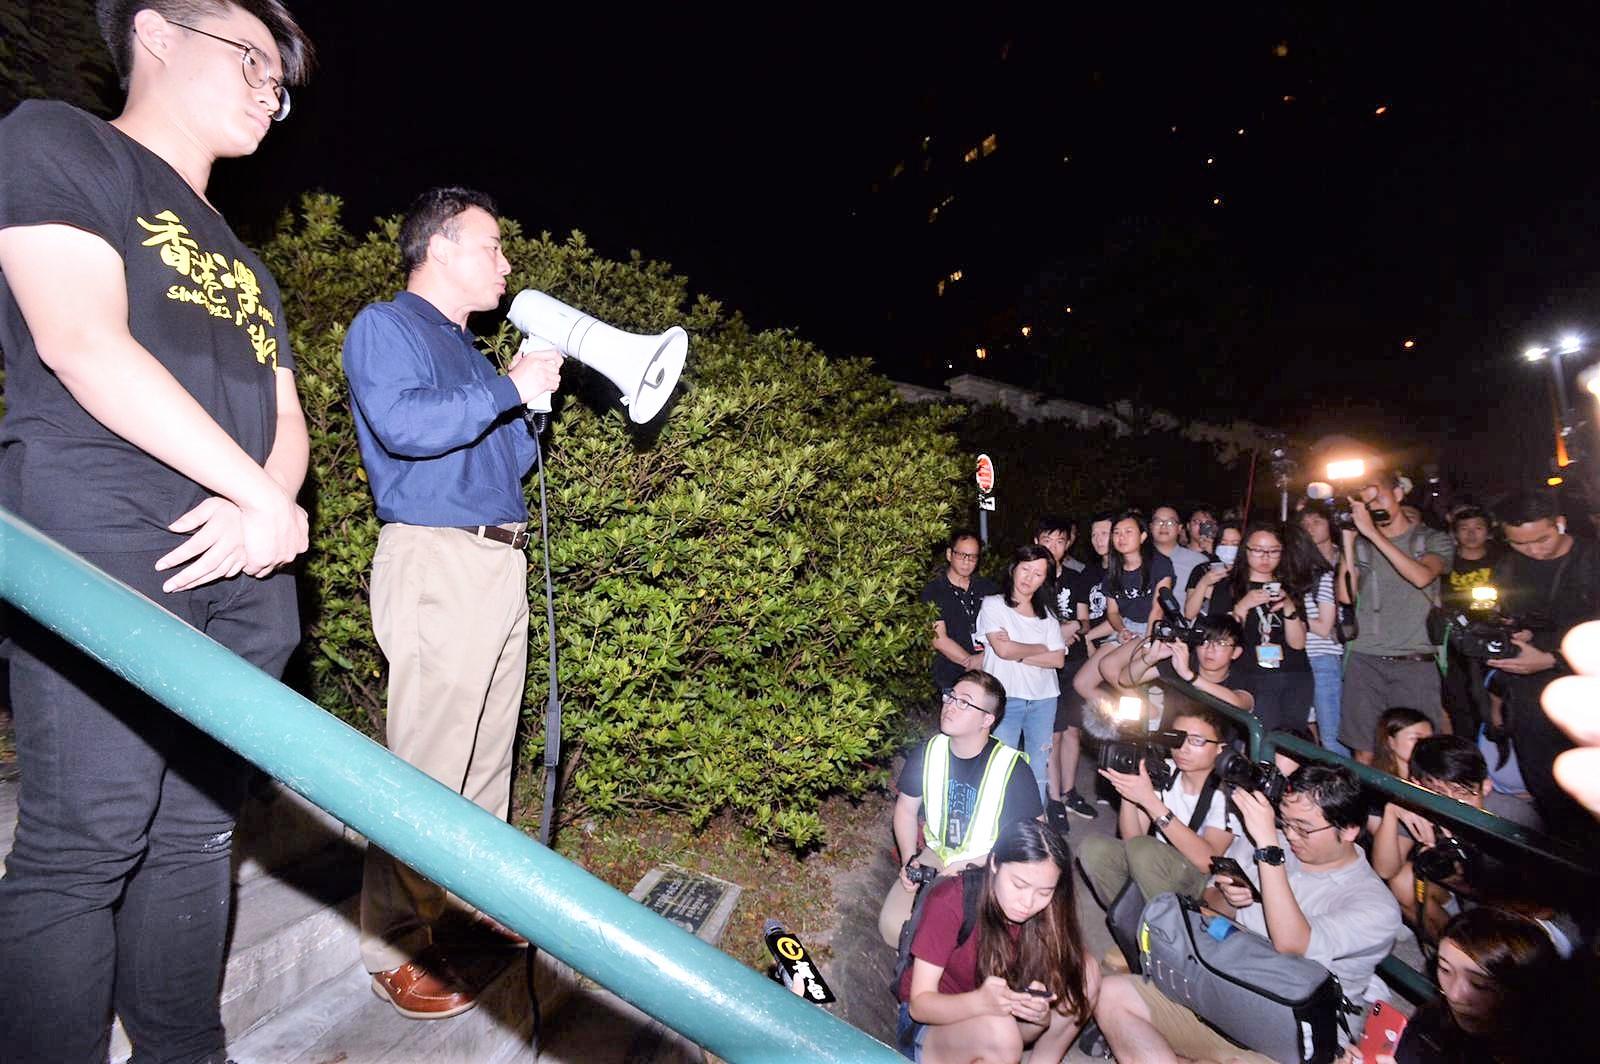 張翔答允學生在大學道對話。